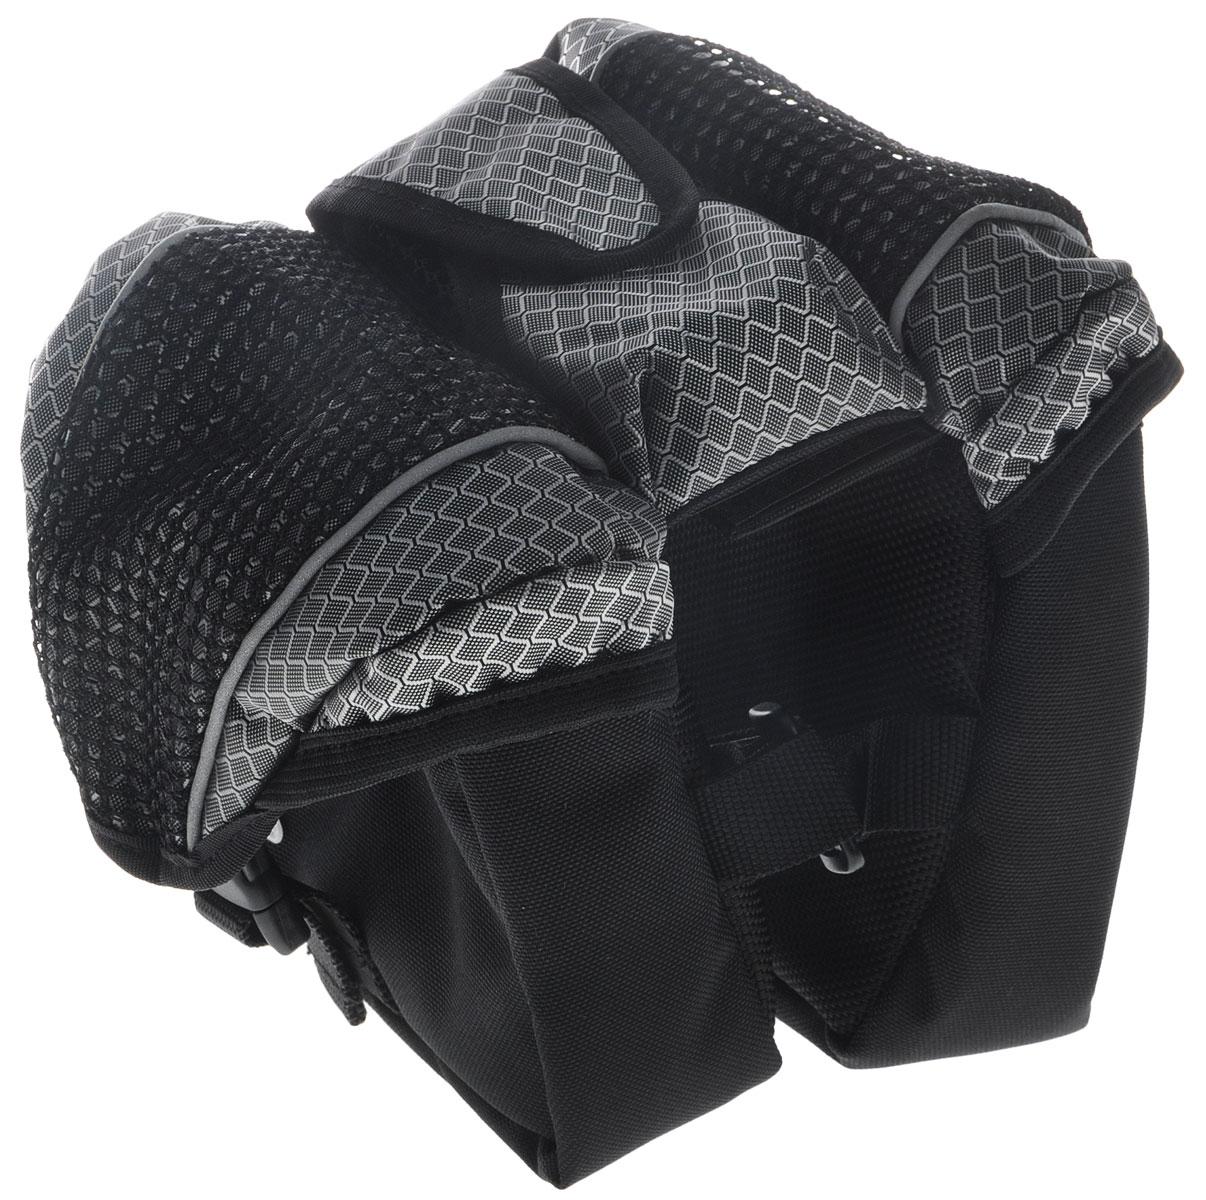 Перекидная сумка на раму велосипеда LotusAIRWHEEL Q3-340WH-BLACKПерекидная сумка на раму Lotus изготовлена из плотного полиэстера и нейлона. Изделие имеет два отделения для хранения мелких вещей. Внутри каждого отделения расположен карман на резинке. Закрываются отделения на пластиковые карабины. Мягкий наполнитель защищает предметы от повреждений во время езды. По центру расположен маленький карман на липучке. Сумка крепится к раме при помощи липучек. Такая стильная и функциональная сумка поможет аккуратно хранить ваши вещи во время поездки на велосипеде.